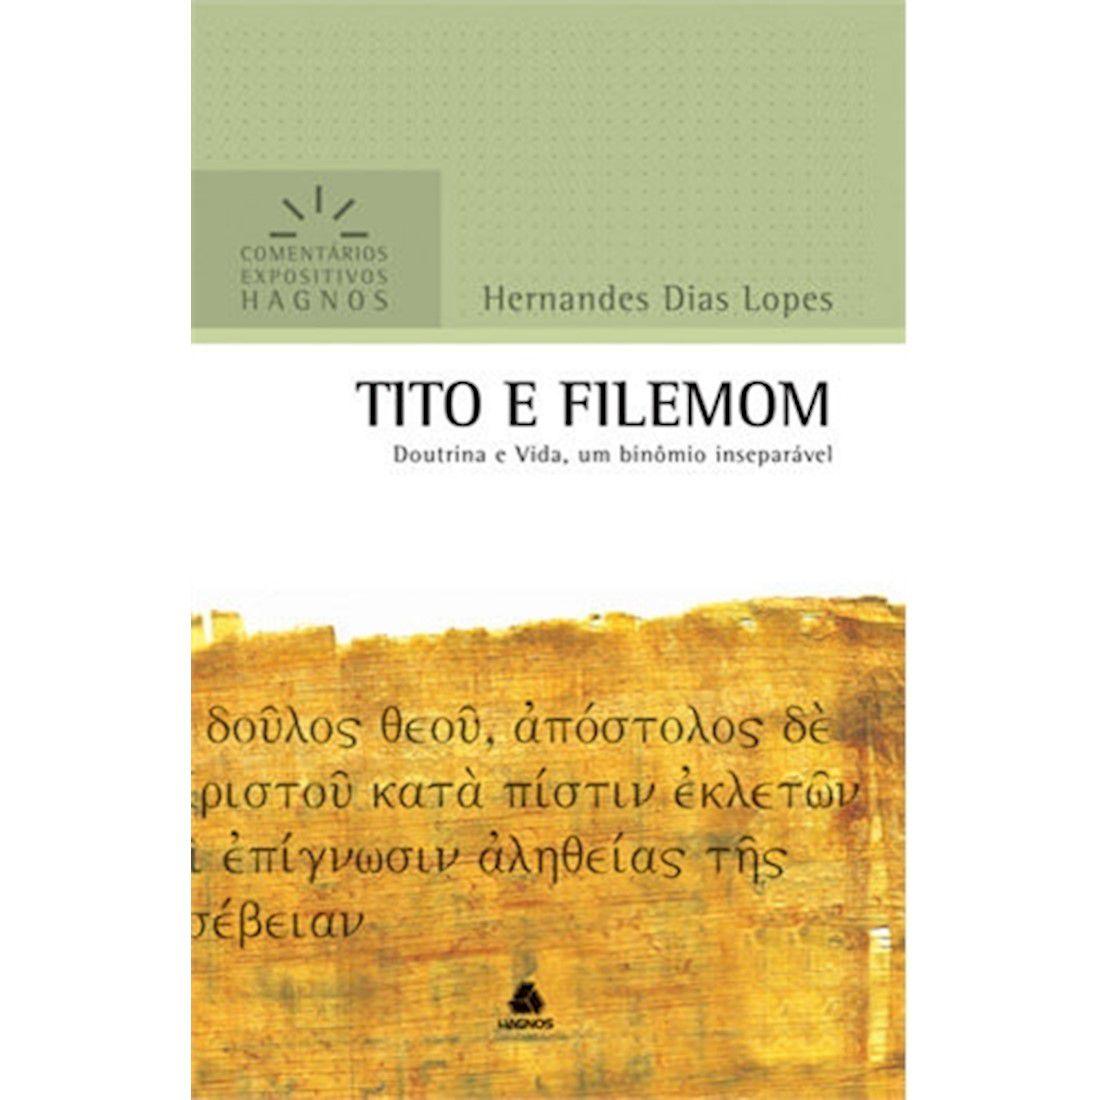 Livro Tito e Filemom   Comentários Expositivos Hagnos